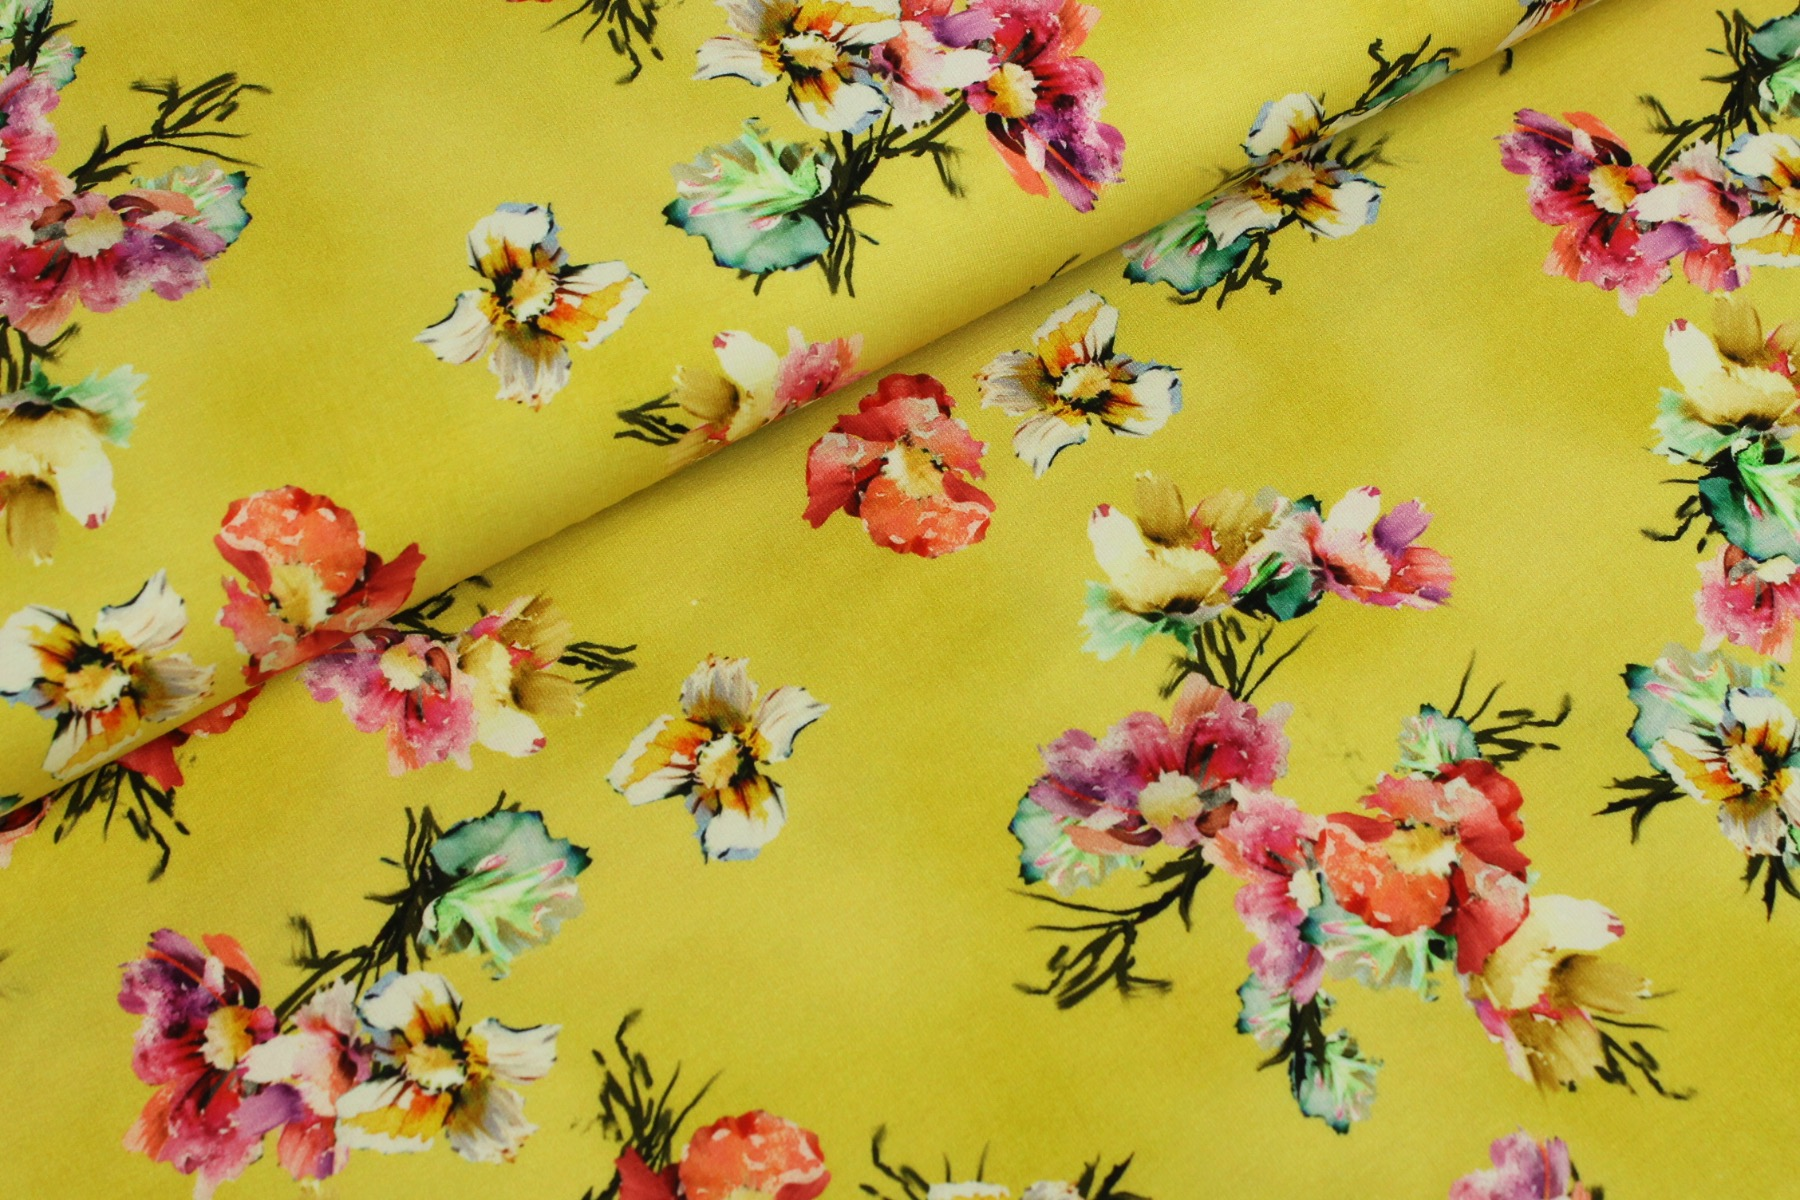 Watercolor Flower Tricot Geel - Megan Blue